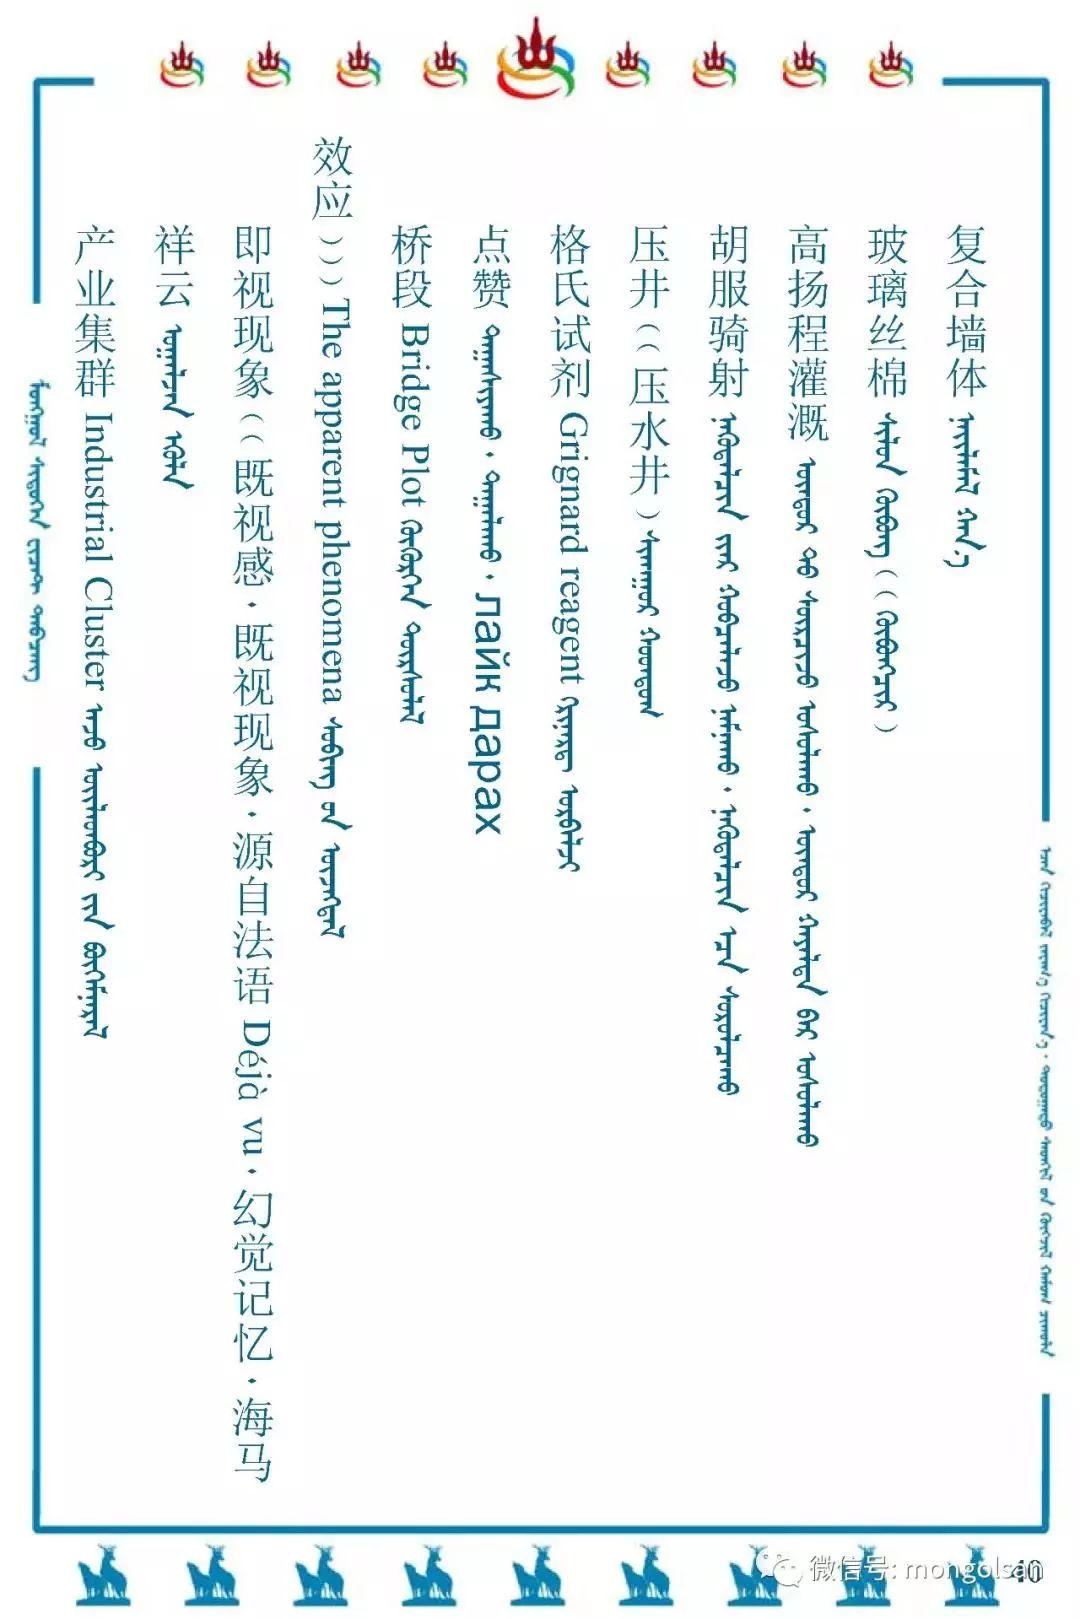 最新名词蒙古语翻译参考 第40张